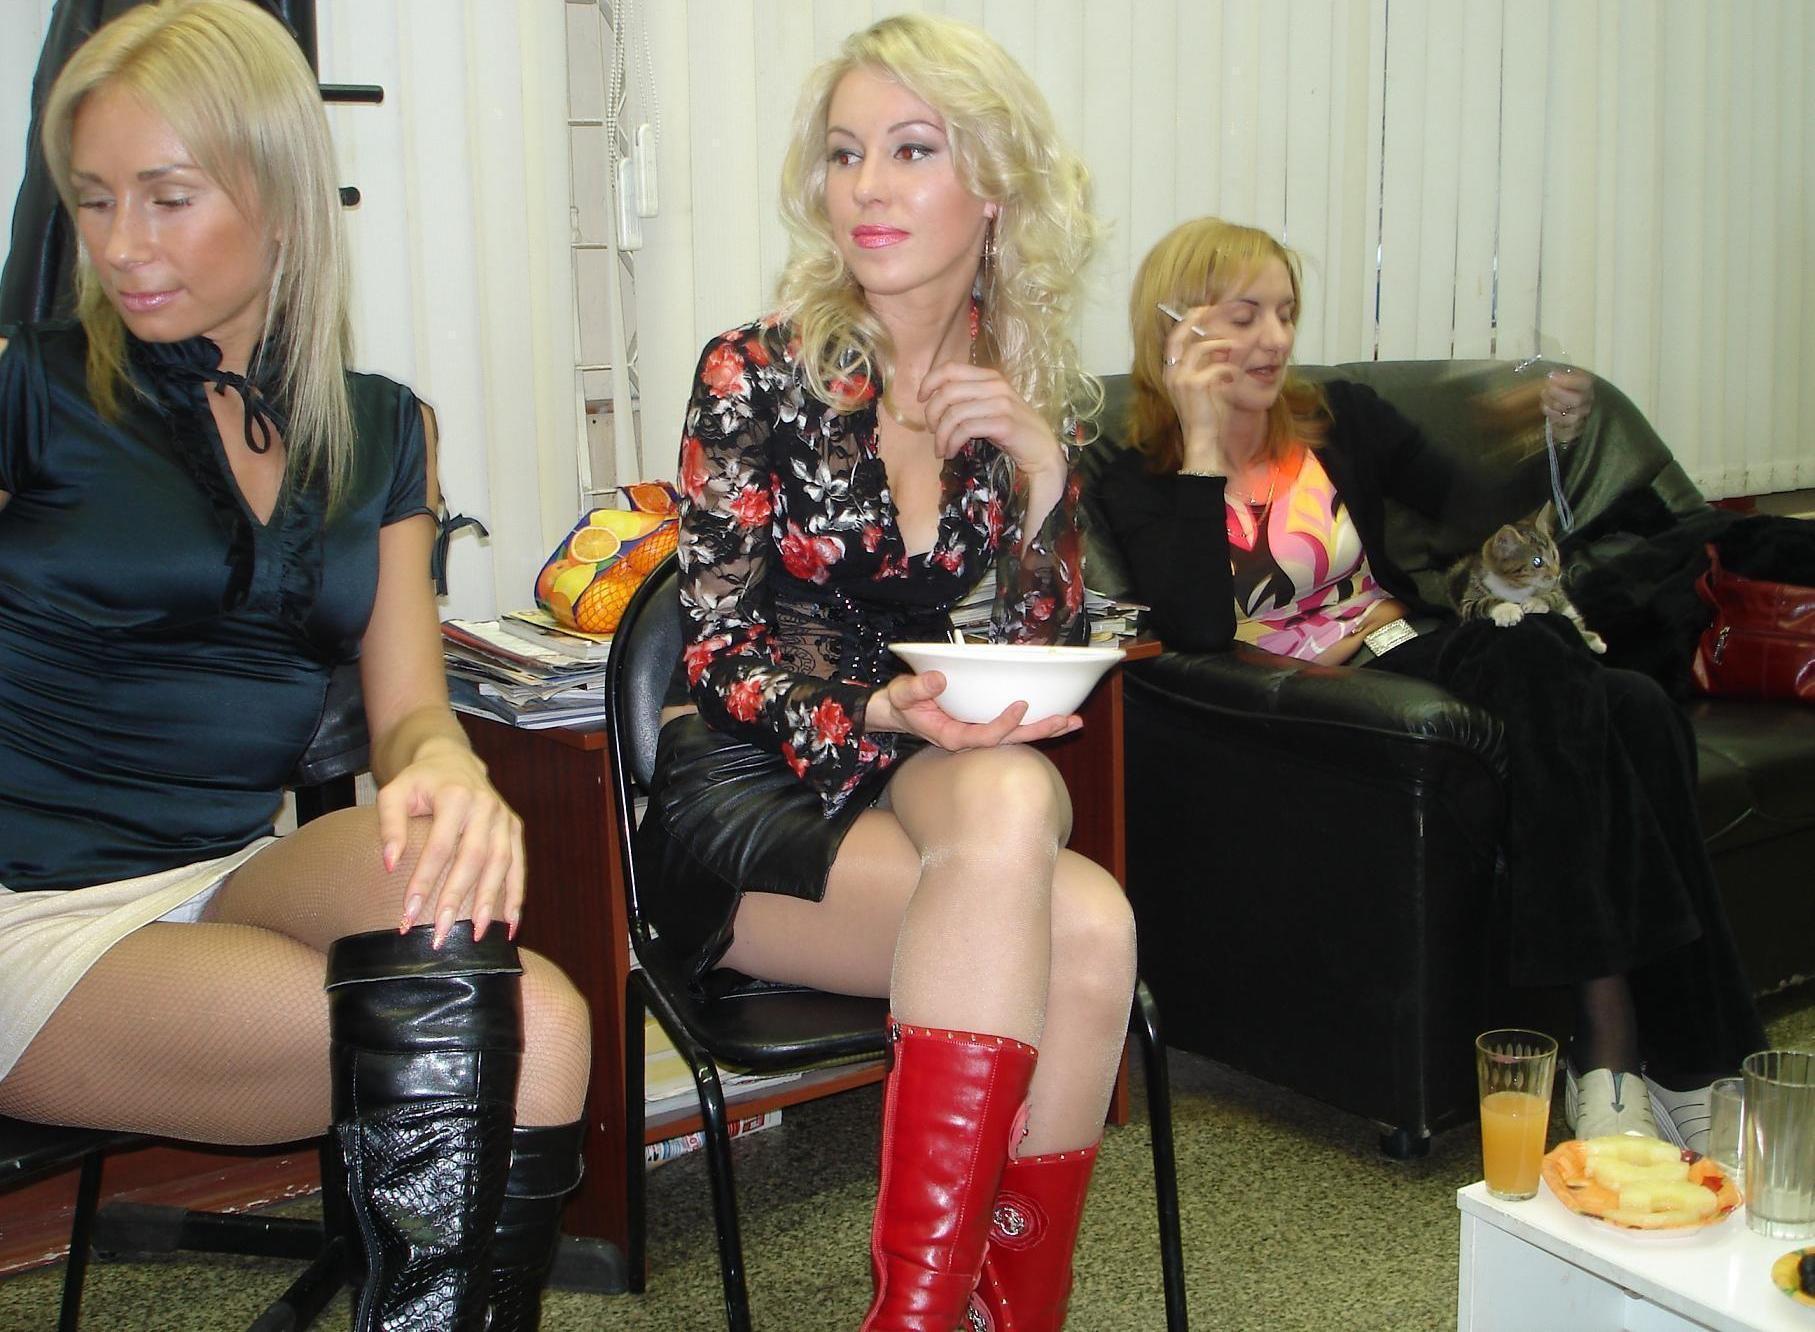 Пьяные жены на корпоративе, Пьяная девушка на корпоративе - поиск по лучшим 27 фотография